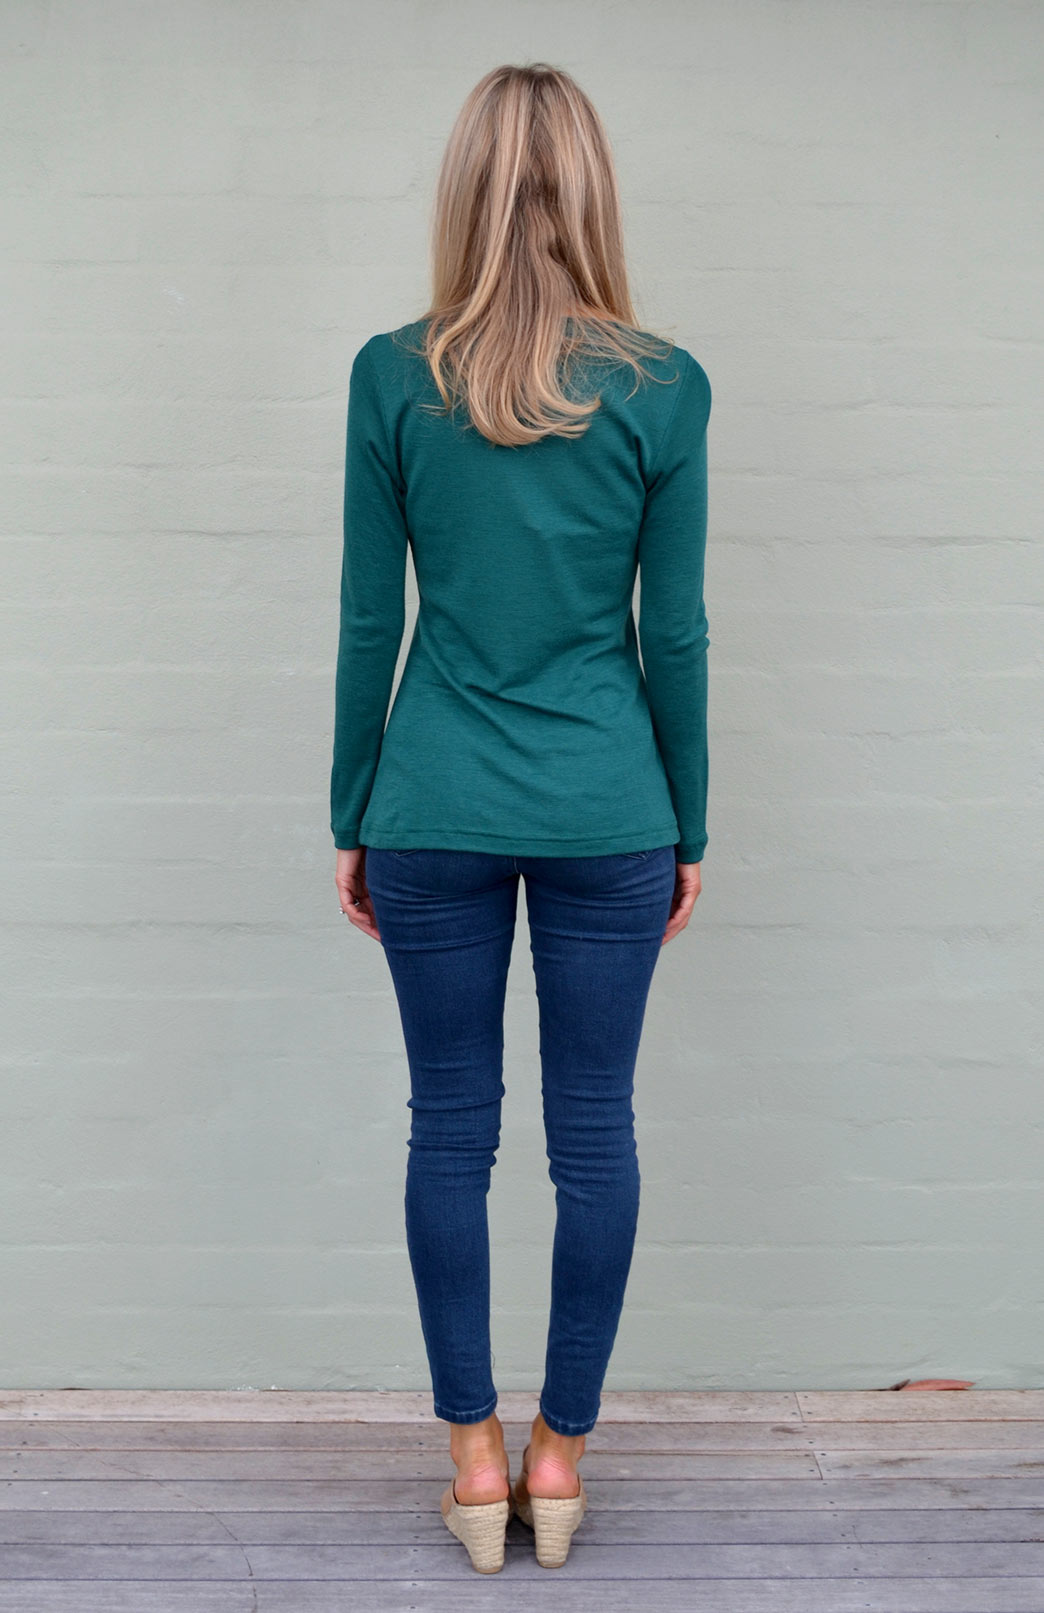 d13e0ab9922059 ... Emerald Green V-Neck. Enlarge